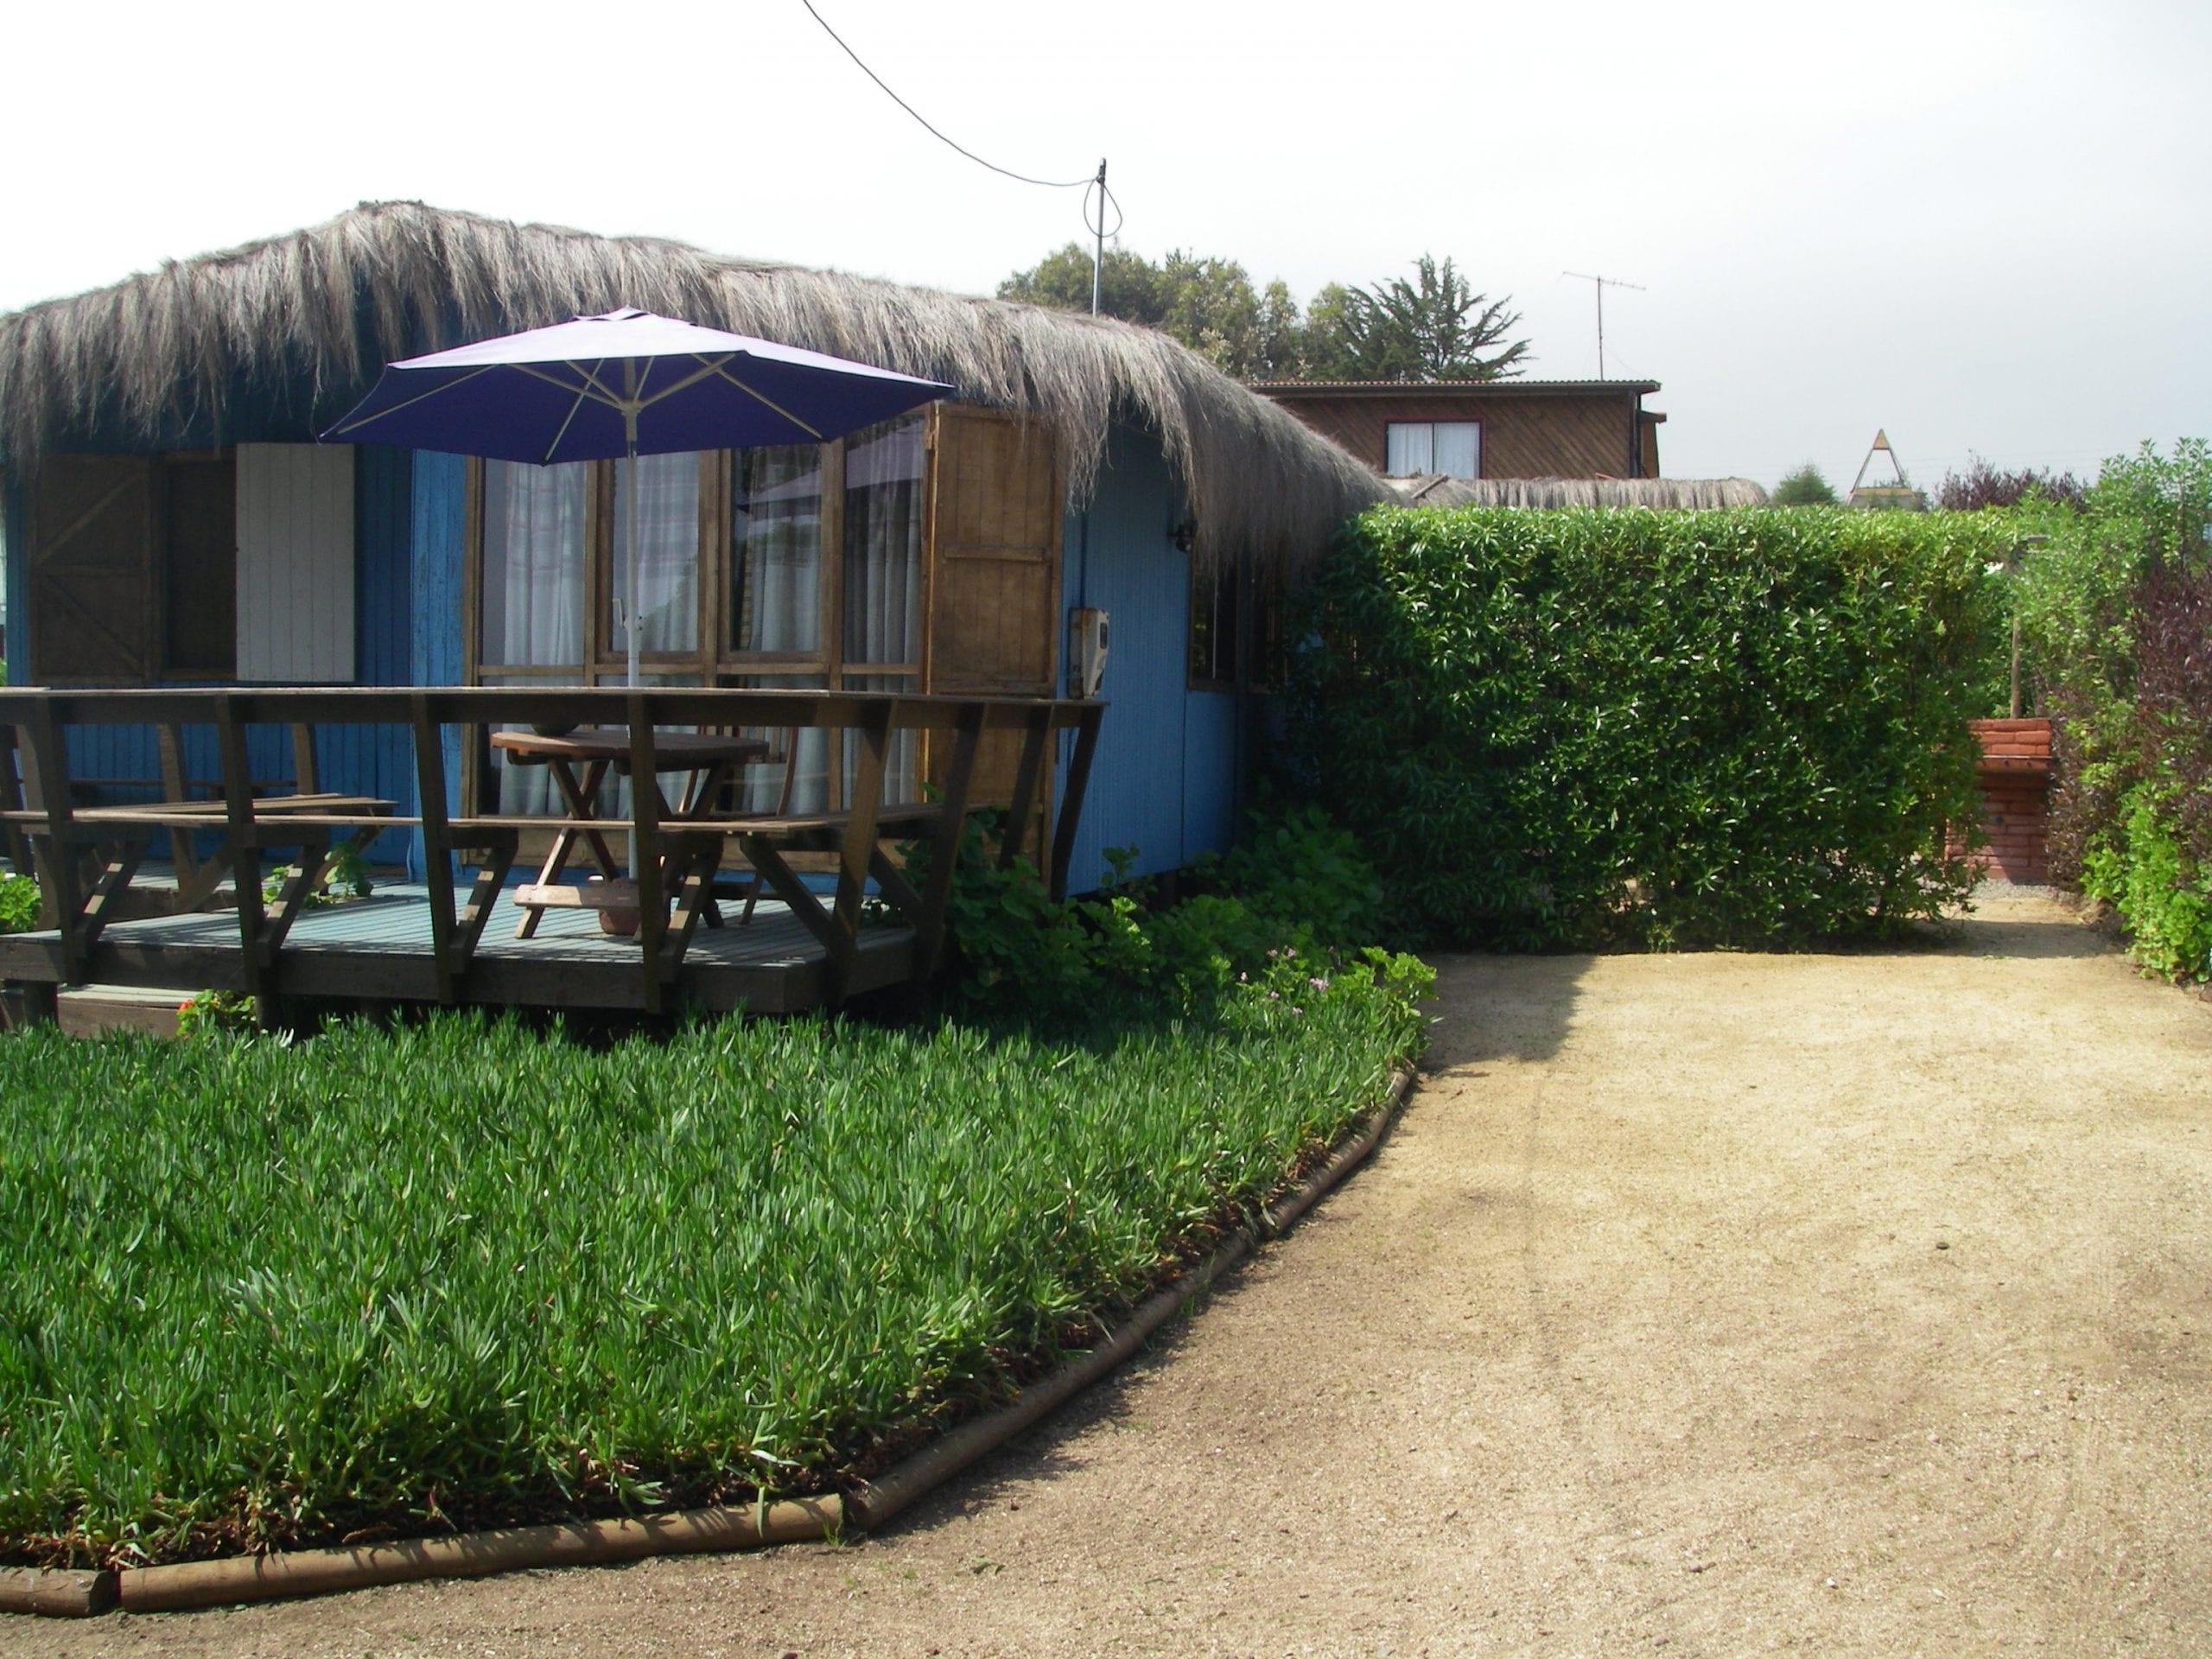 Cabaña Surfschule